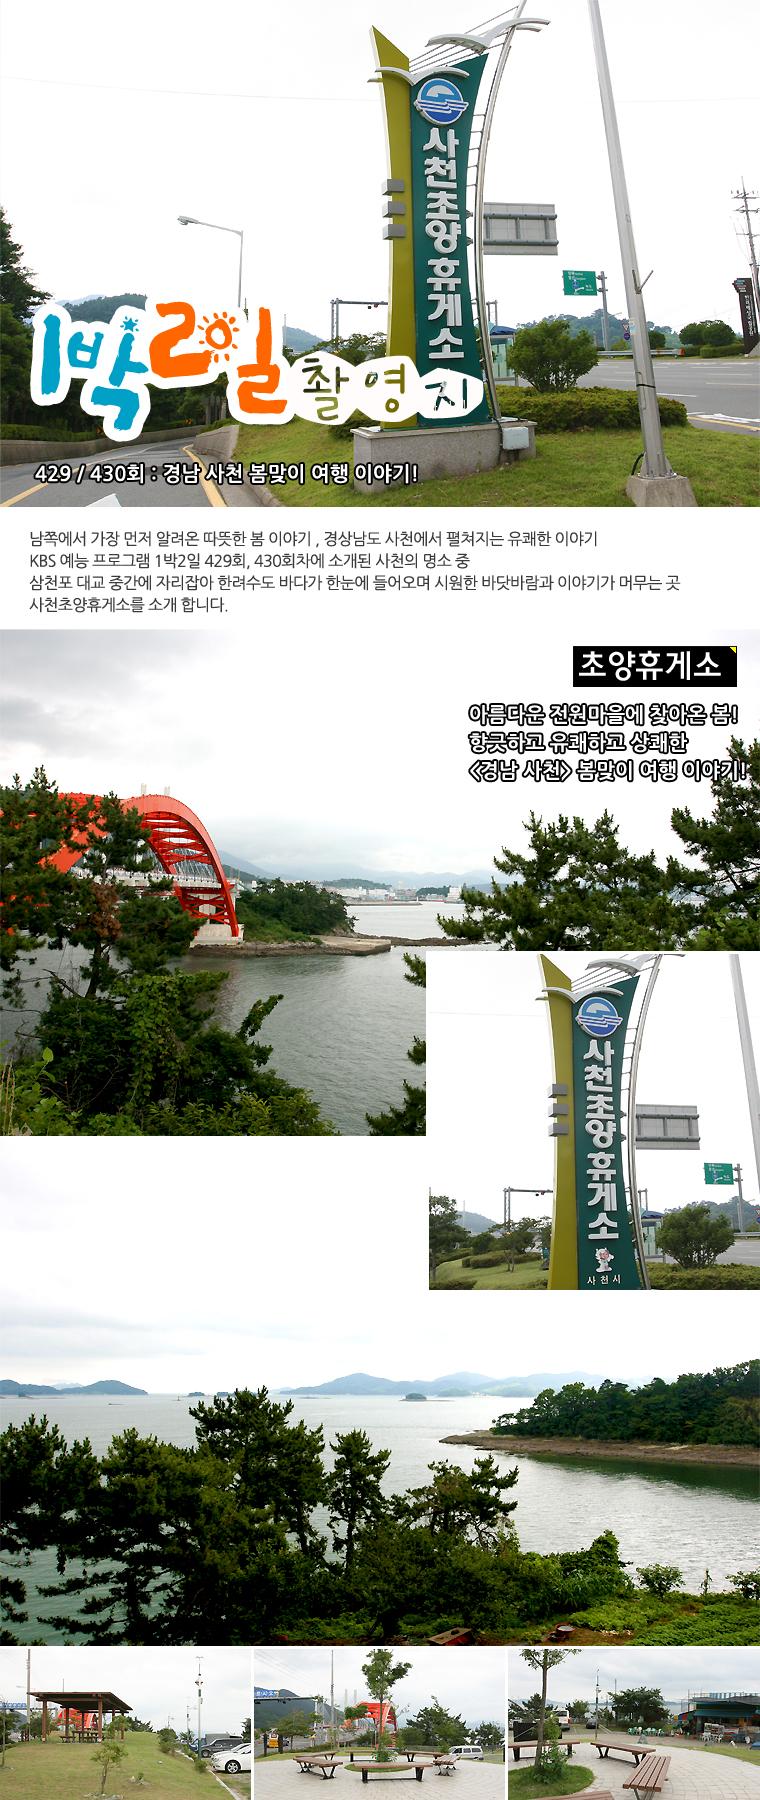 1_2_choyeang.jpg